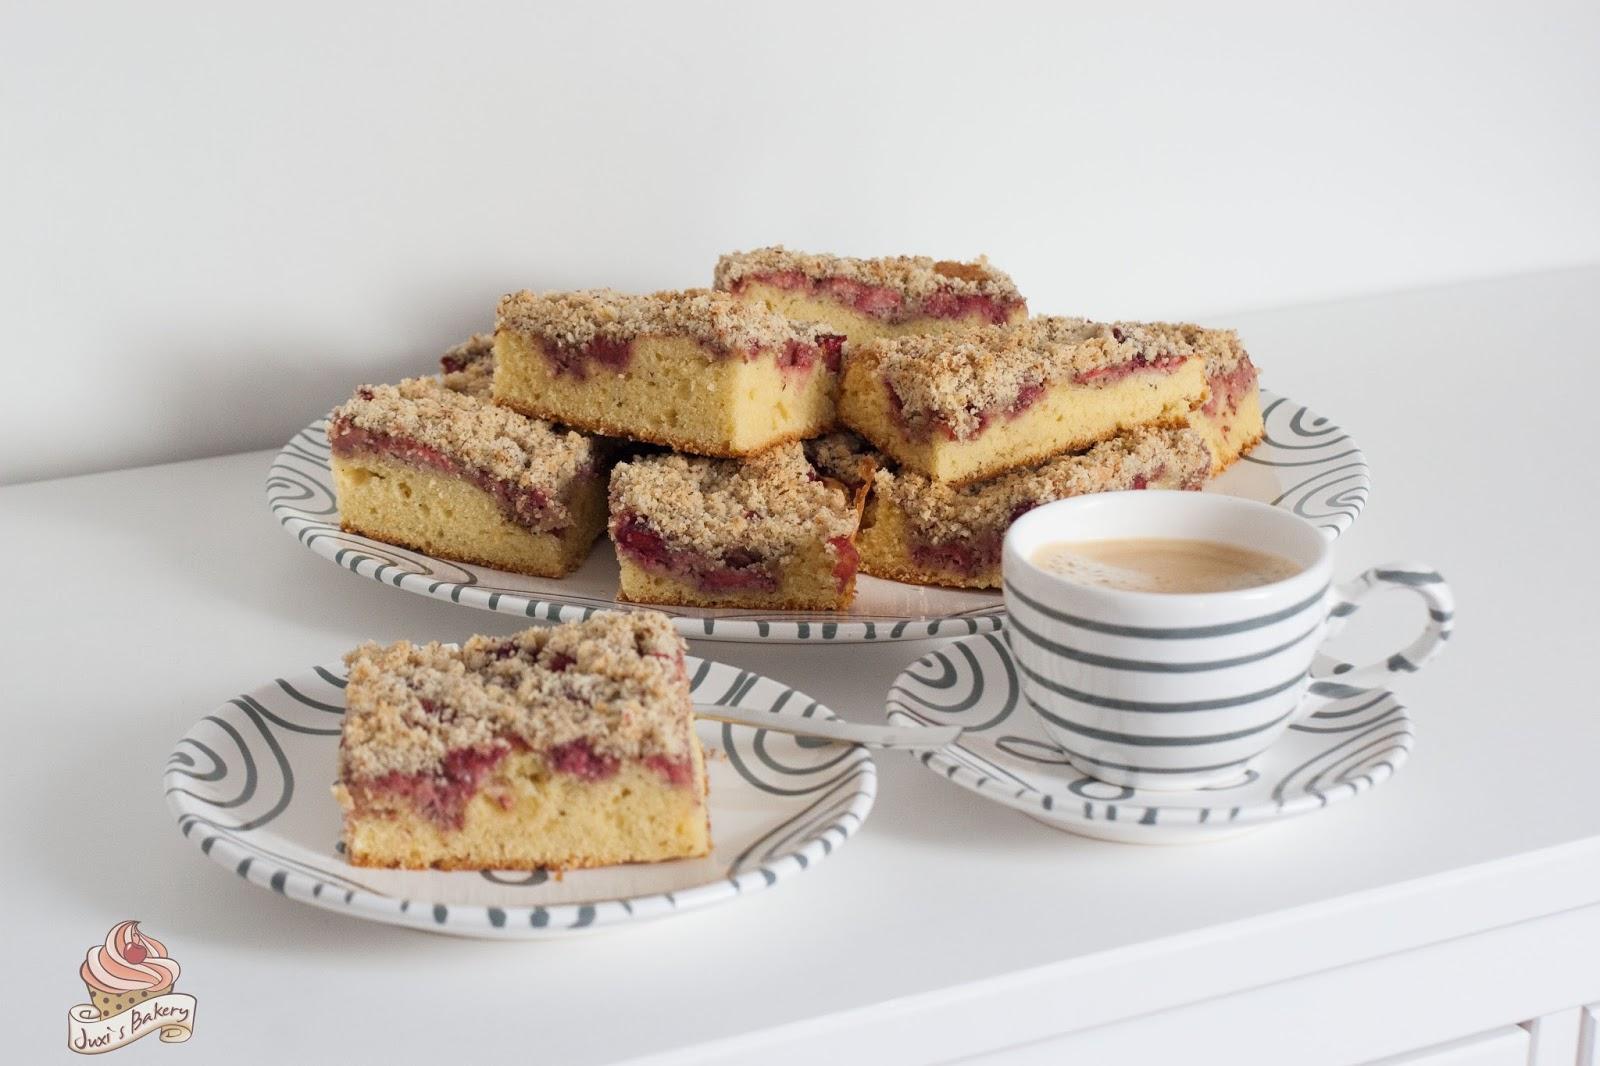 Juxi S Bakery Erdbeer Streuselkuchen Am Blech